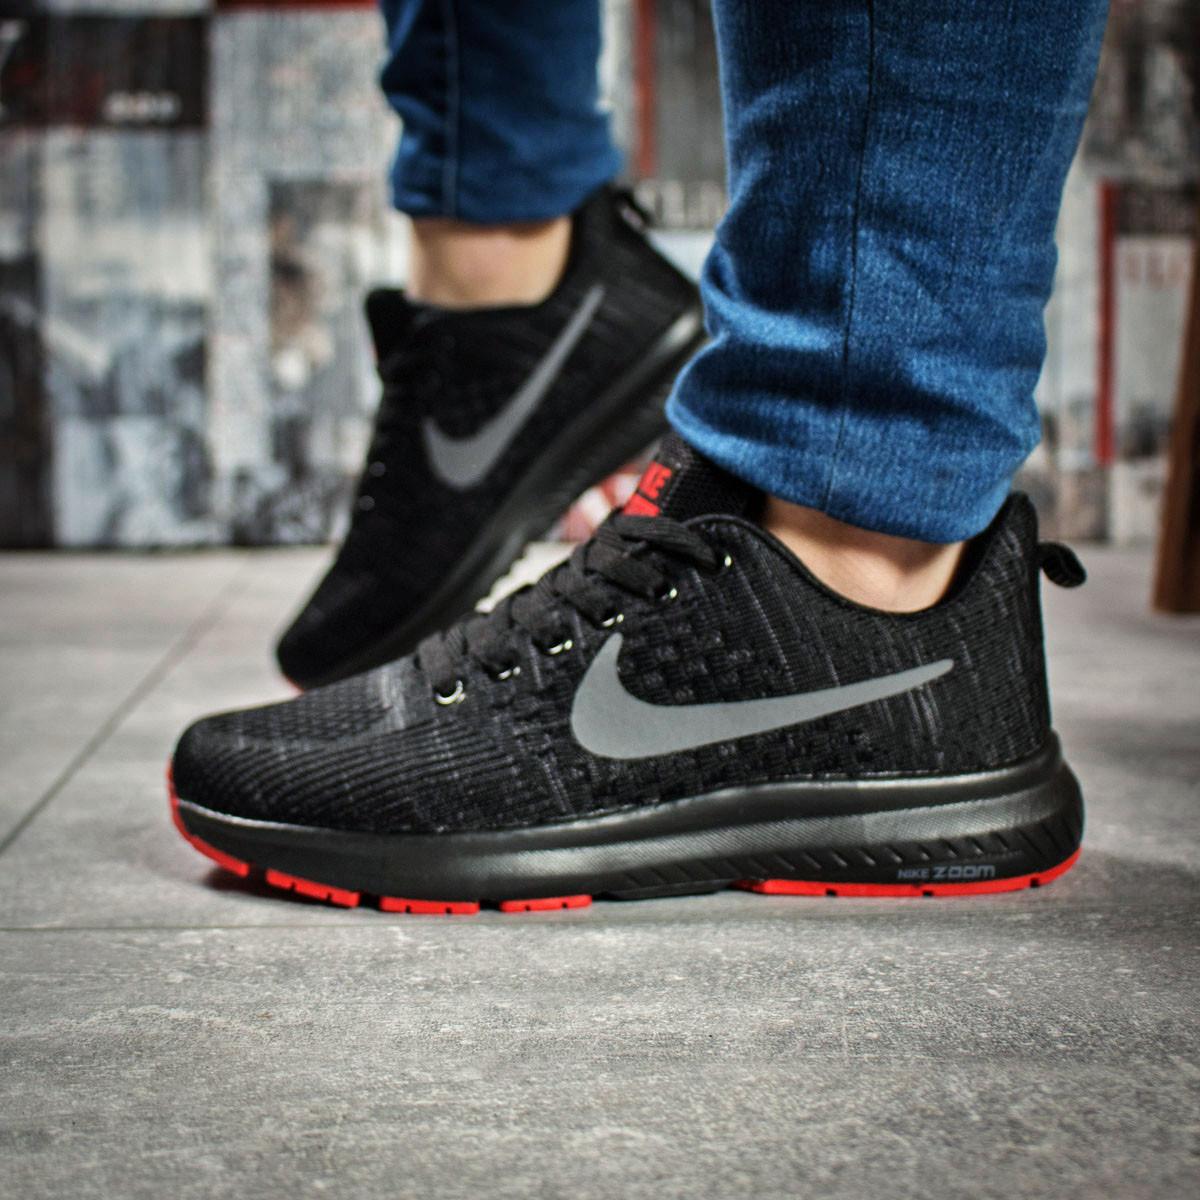 Кроссовки женские 16002, Nike Zoom Pegasus, черные, < 36 > р. 36-23,0см.